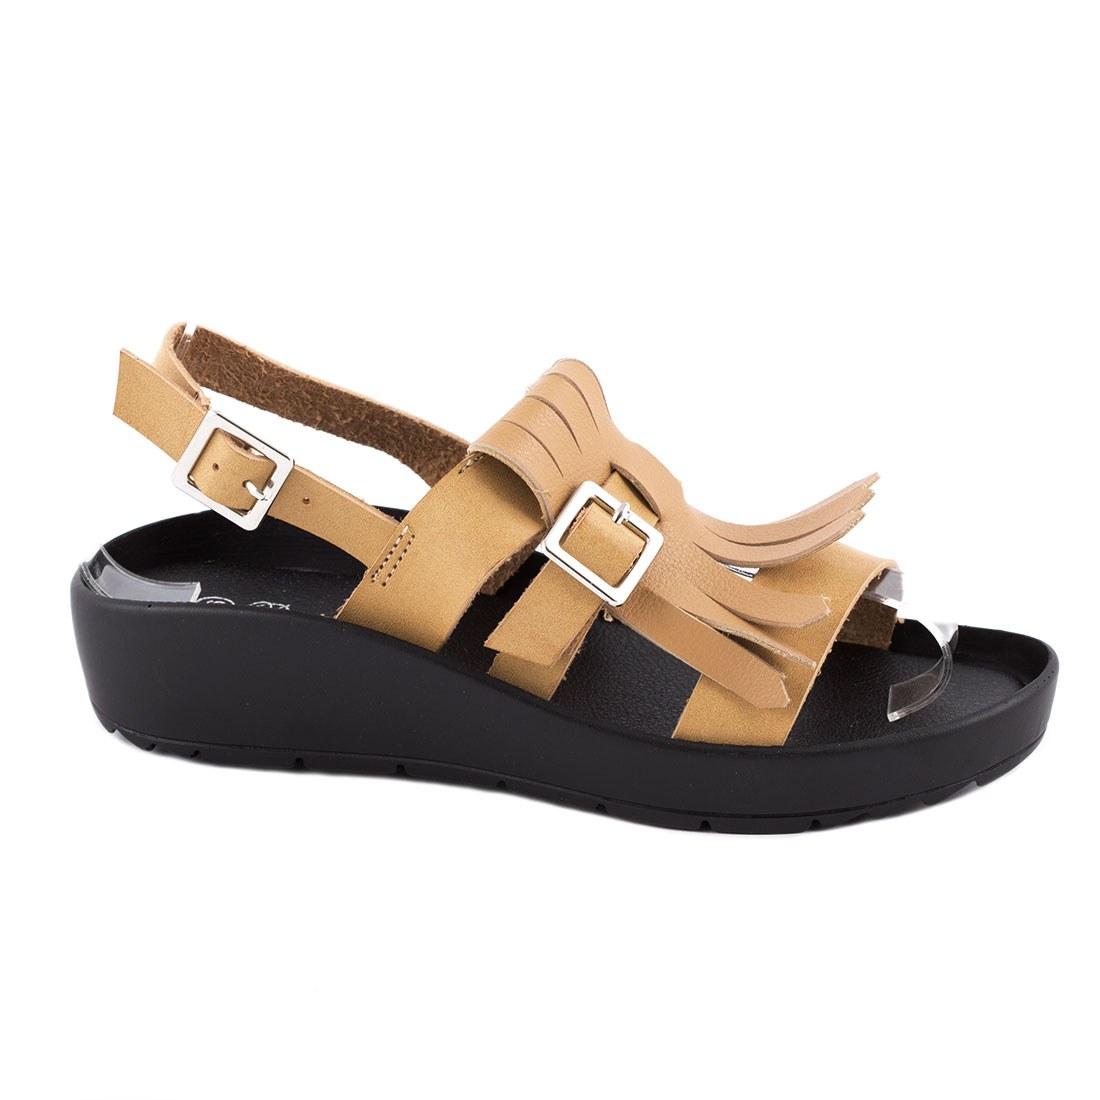 Sandale dama usoare BY-3H086-4-CAMEL